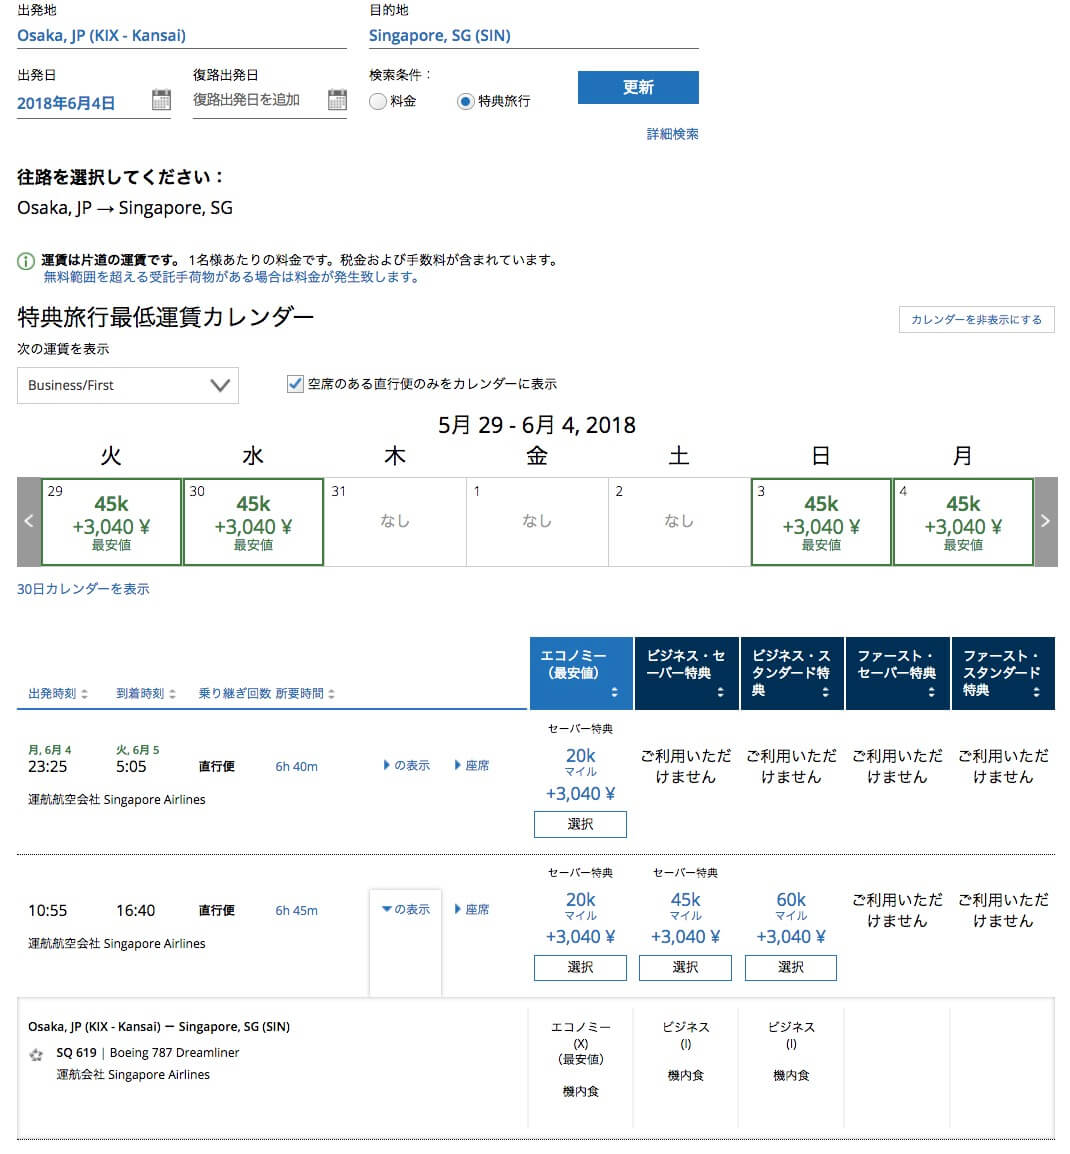 シンガポール航空787−10の関西シンガポール線の特典航空券空席